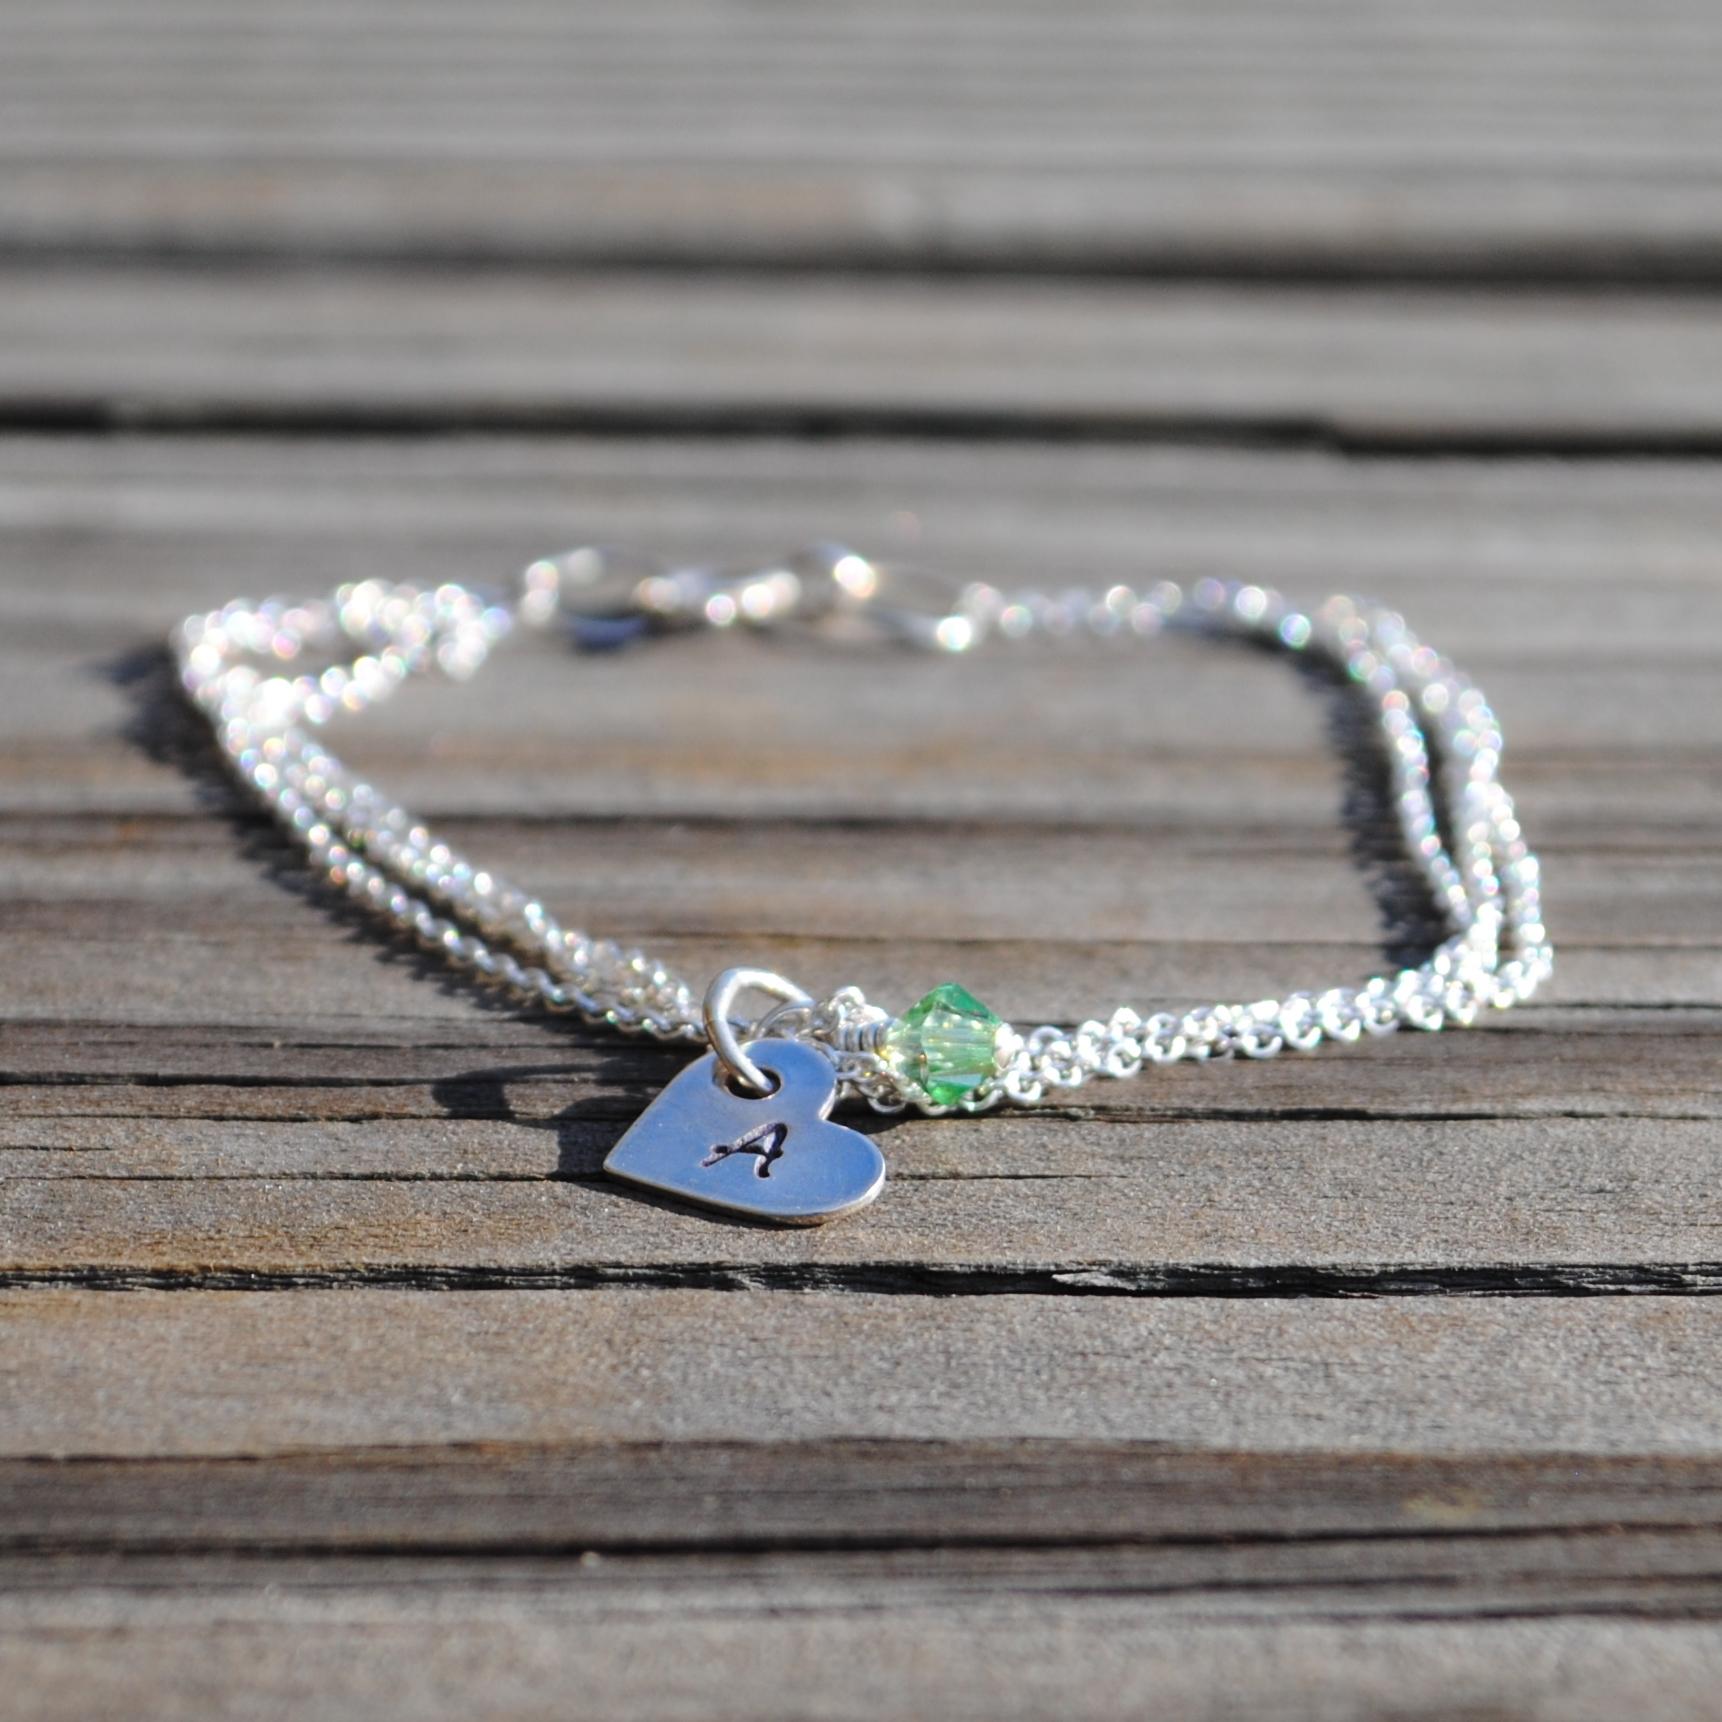 Initial Charms For Bracelets: Custom Initial Charm Bracelet On Storenvy